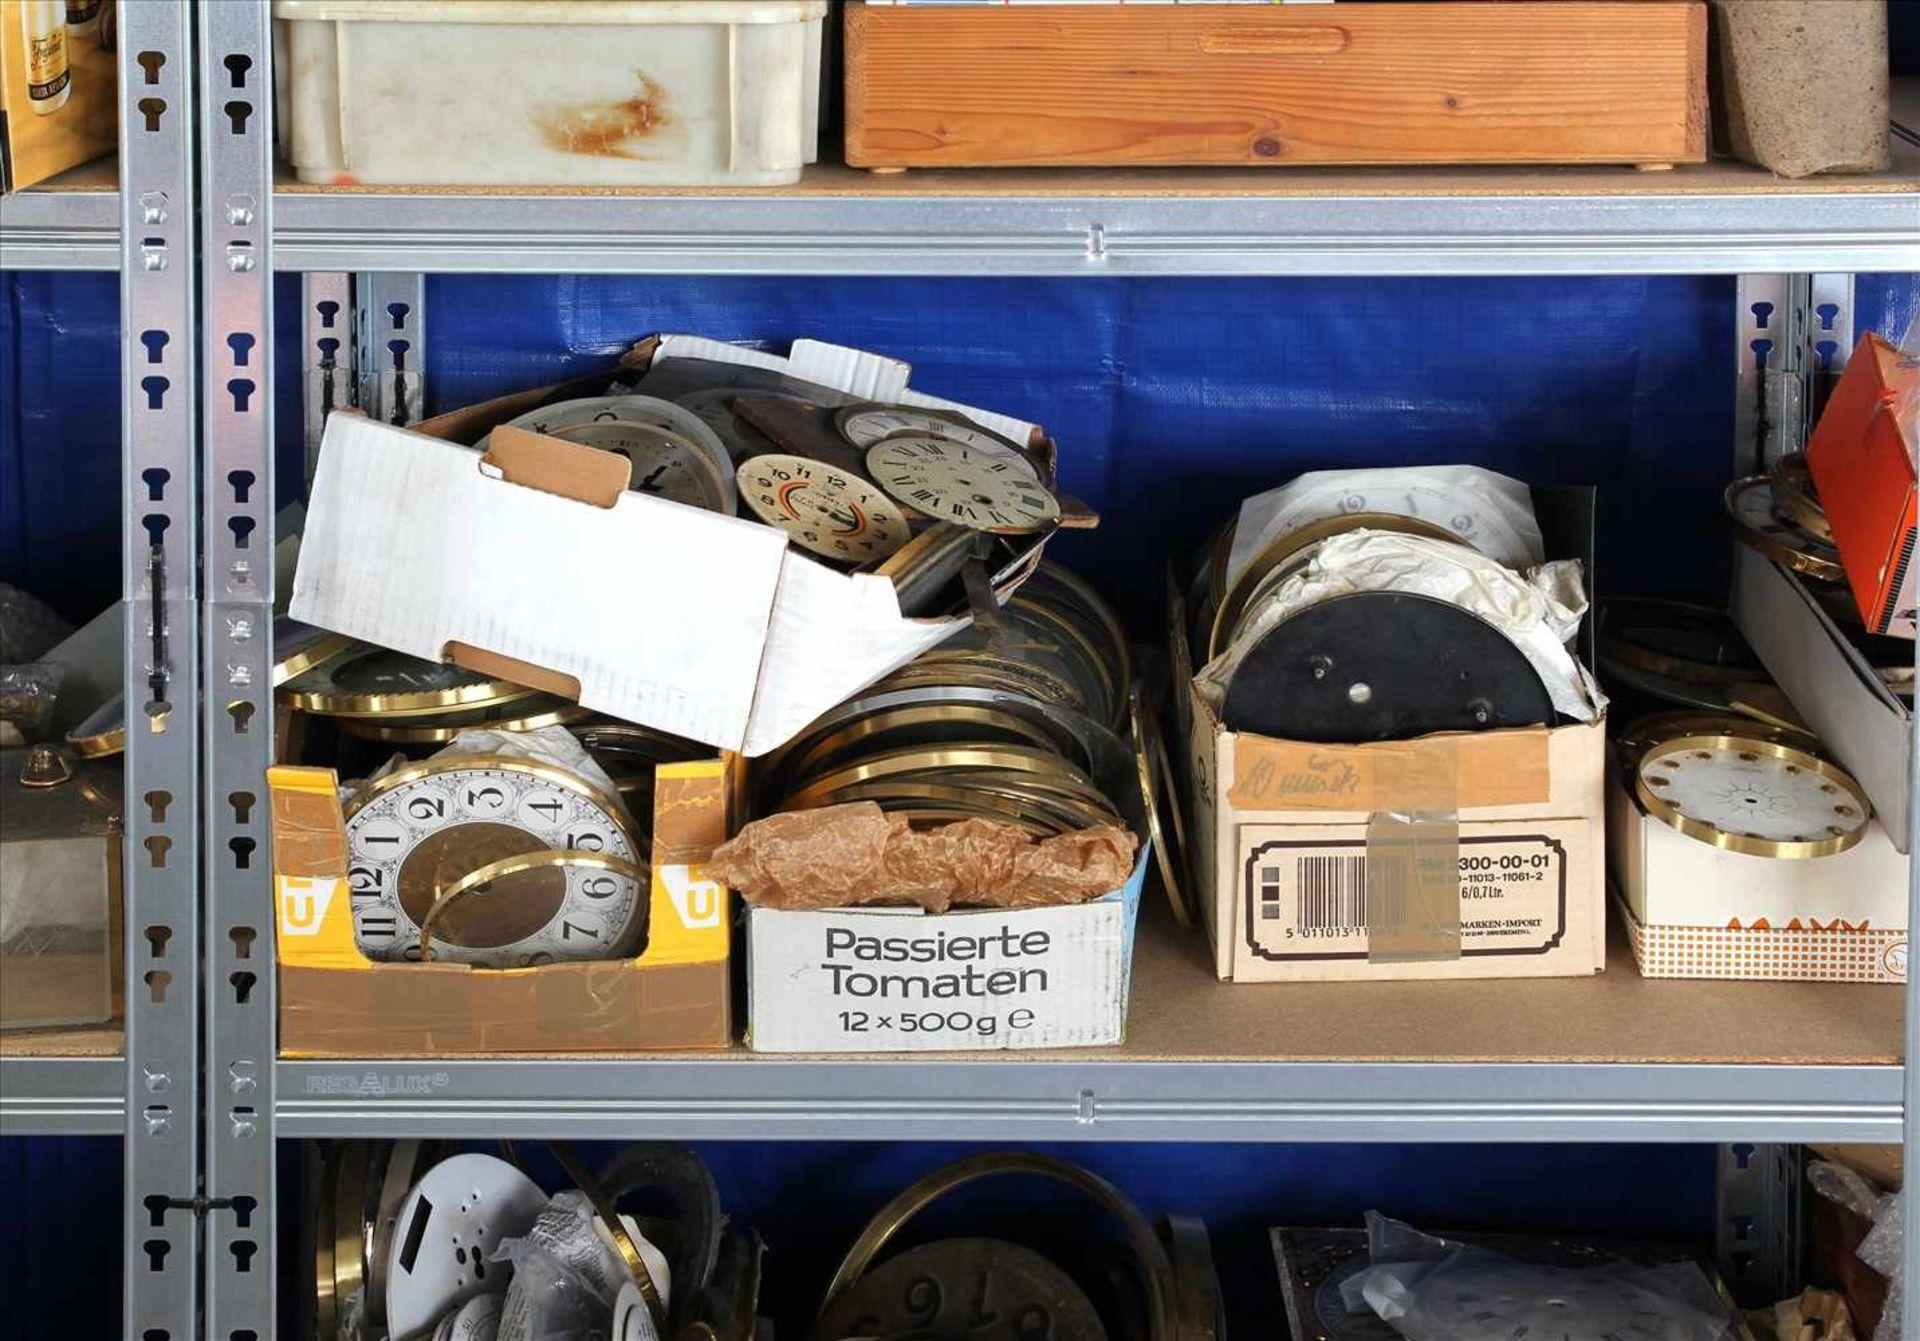 Los 21 - Konvolut UhrenersatzteileInhalt in drei Regalen (Regale gehören nicht zum Auktionsumfang). Zustand